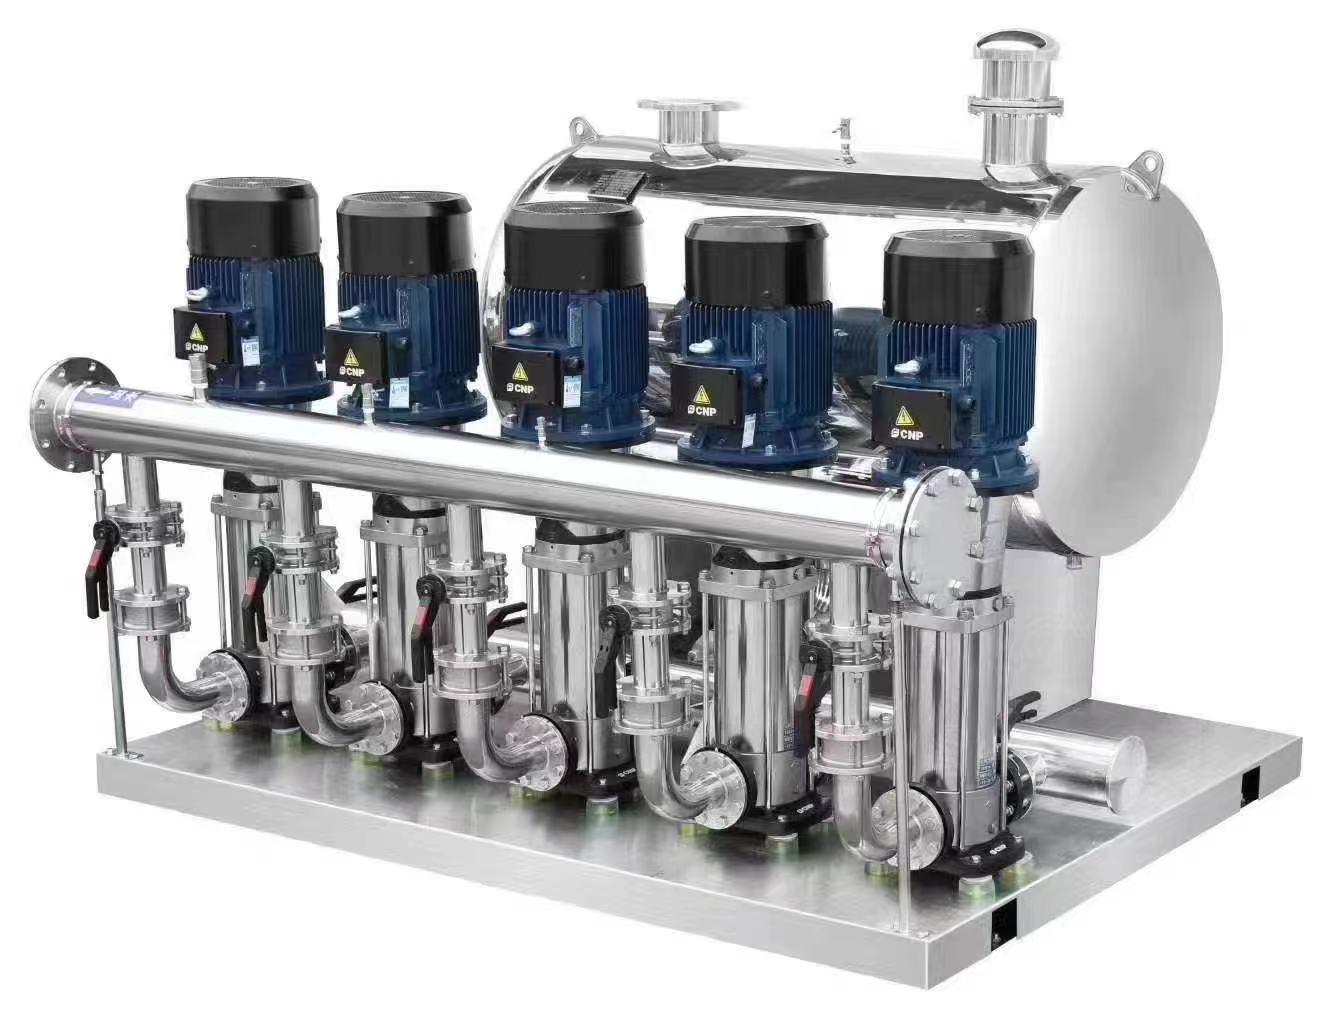 變頻恒壓供水機組的優點